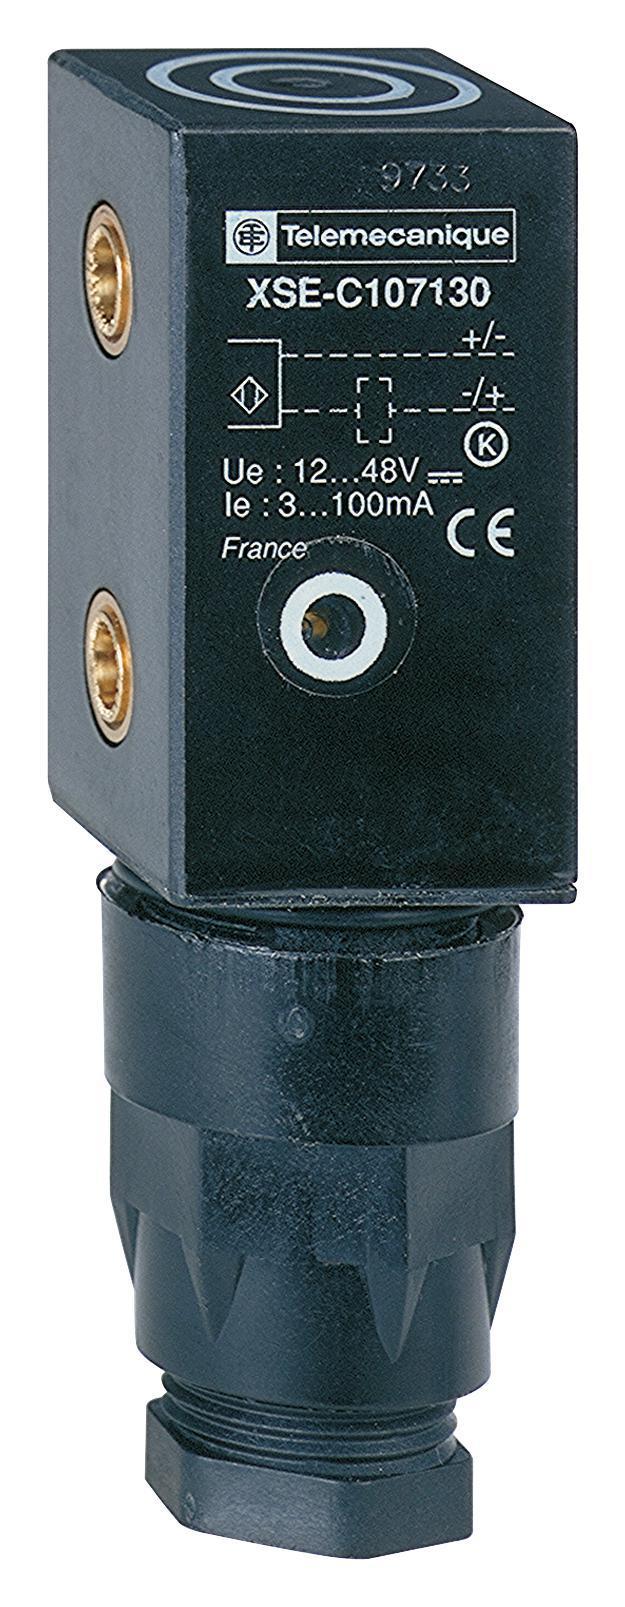 XSEC107133